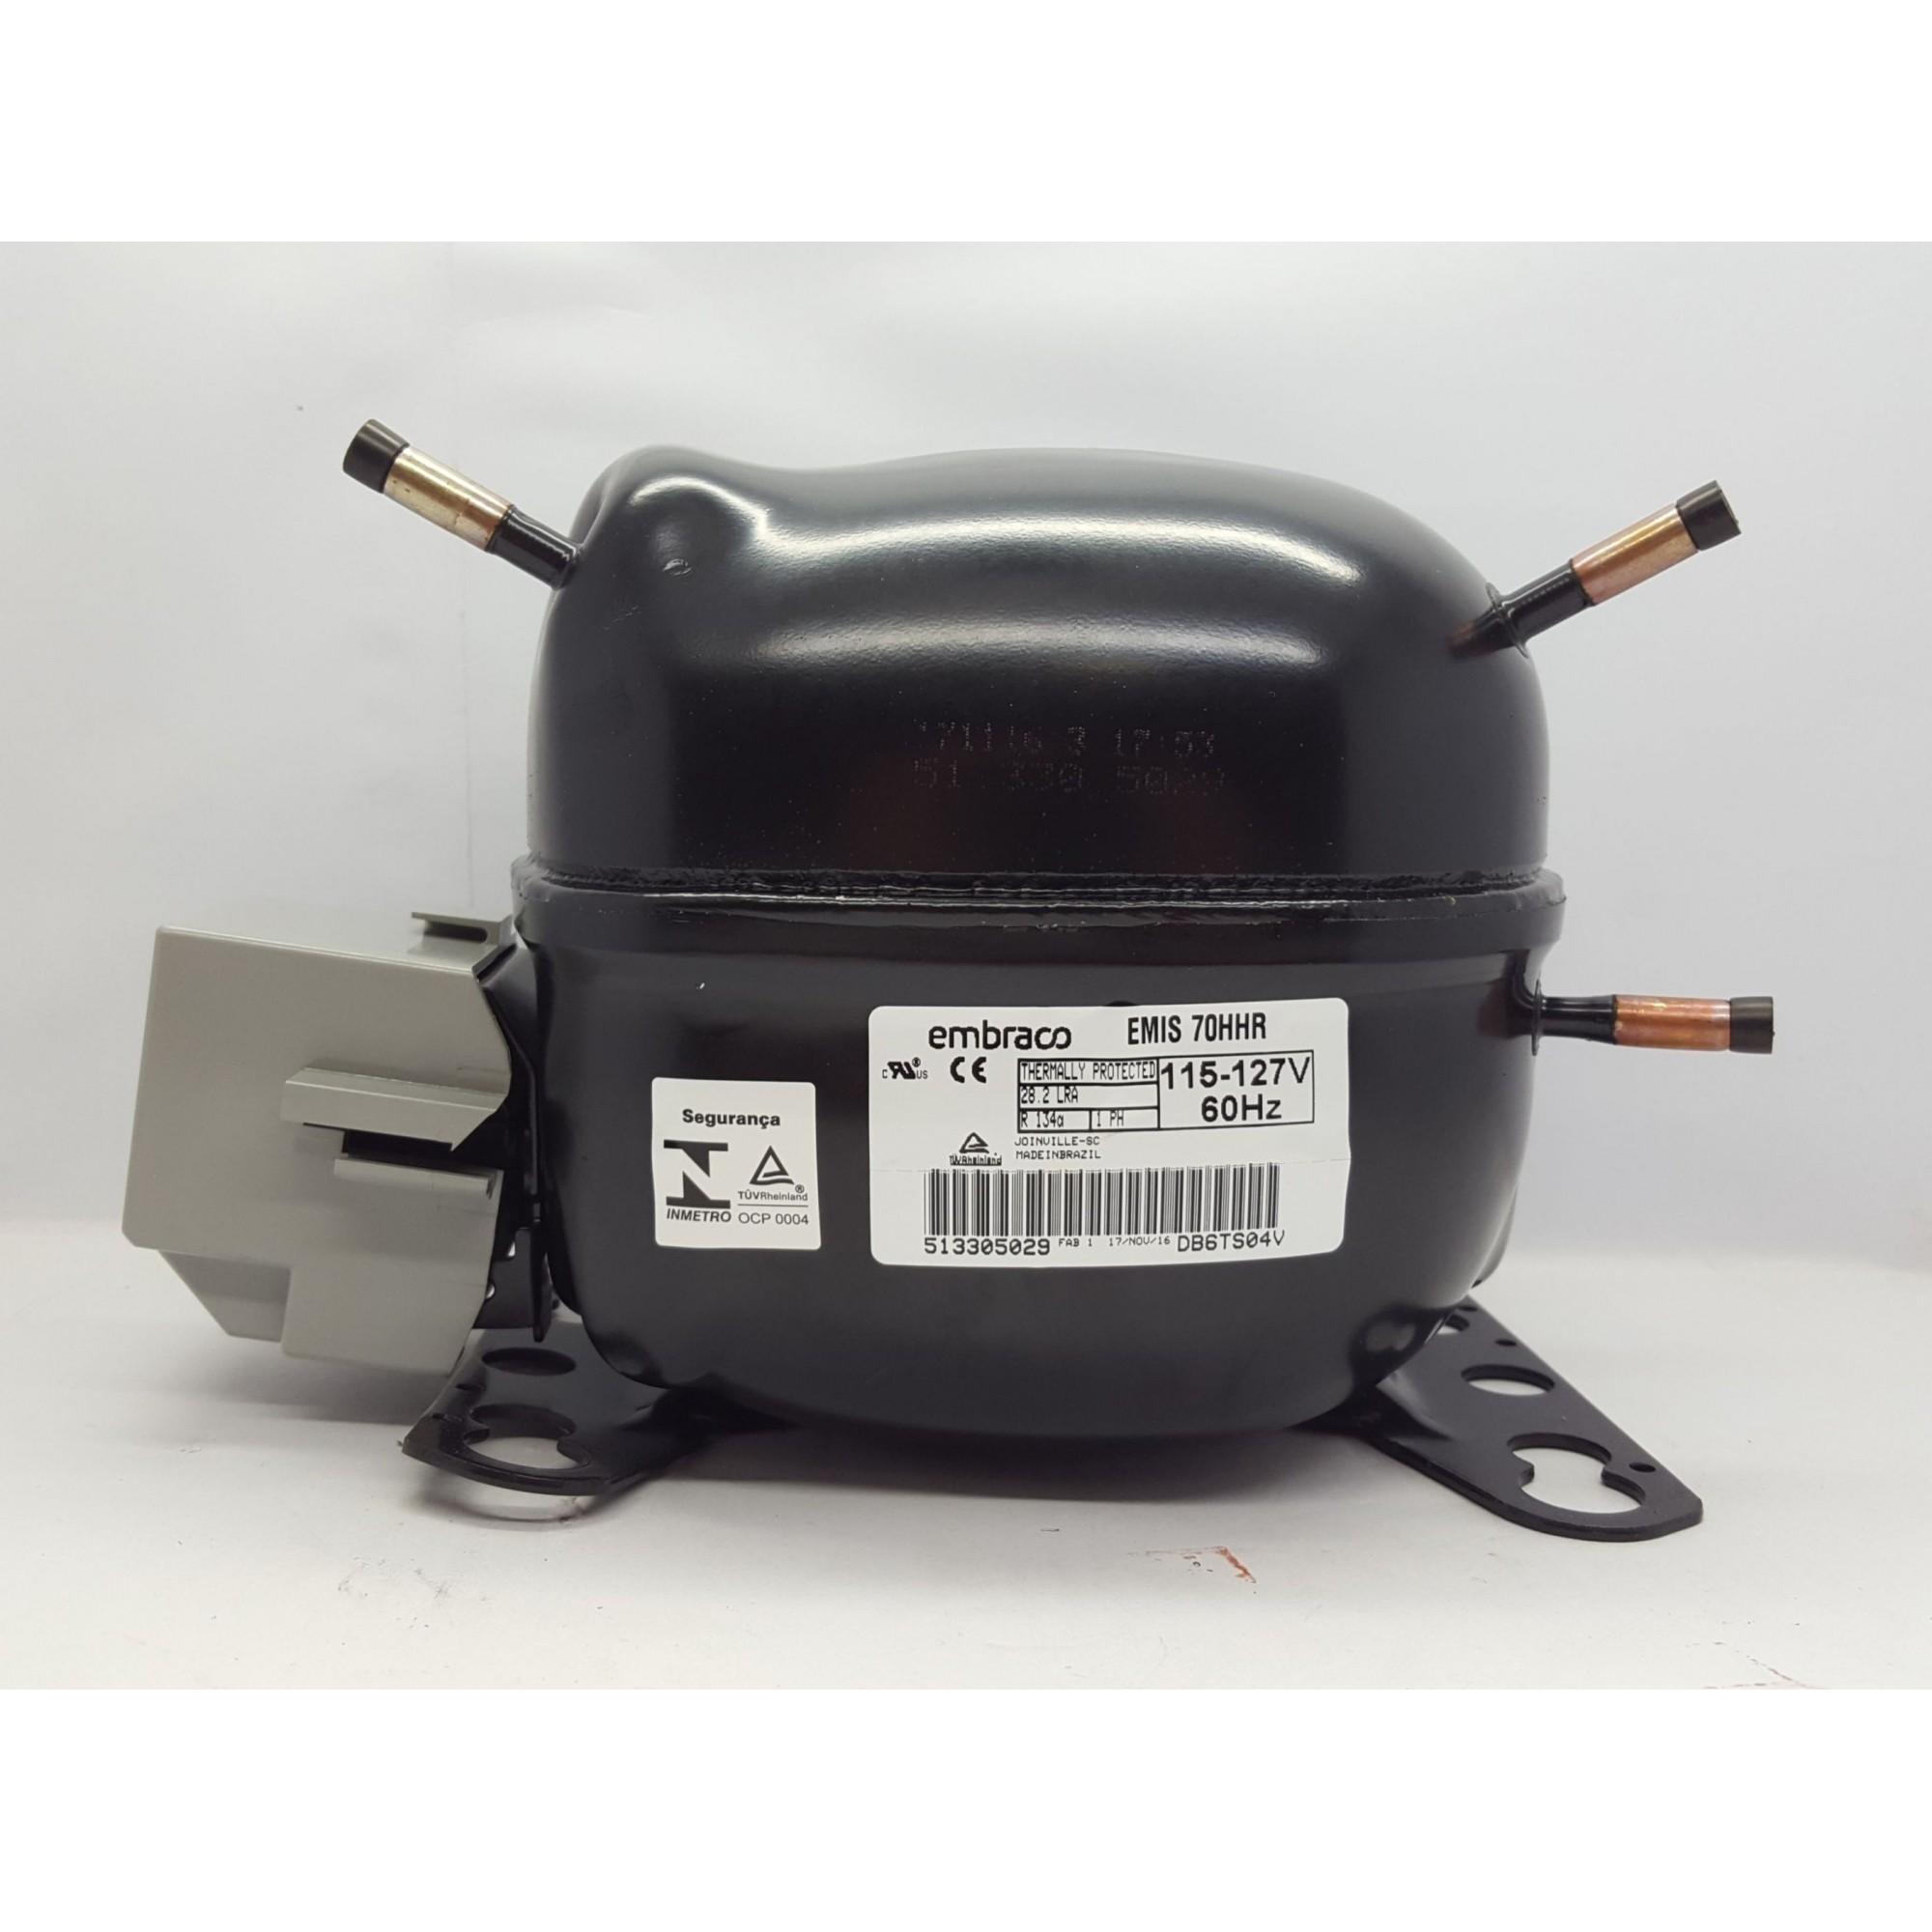 MOTOR PARA GELADEIRA E FREEZER - COMPRESSOR EMBRACO 1/5 HP - EMI 70HER / EMIS 70HHR - R134a (220v ou 110v)